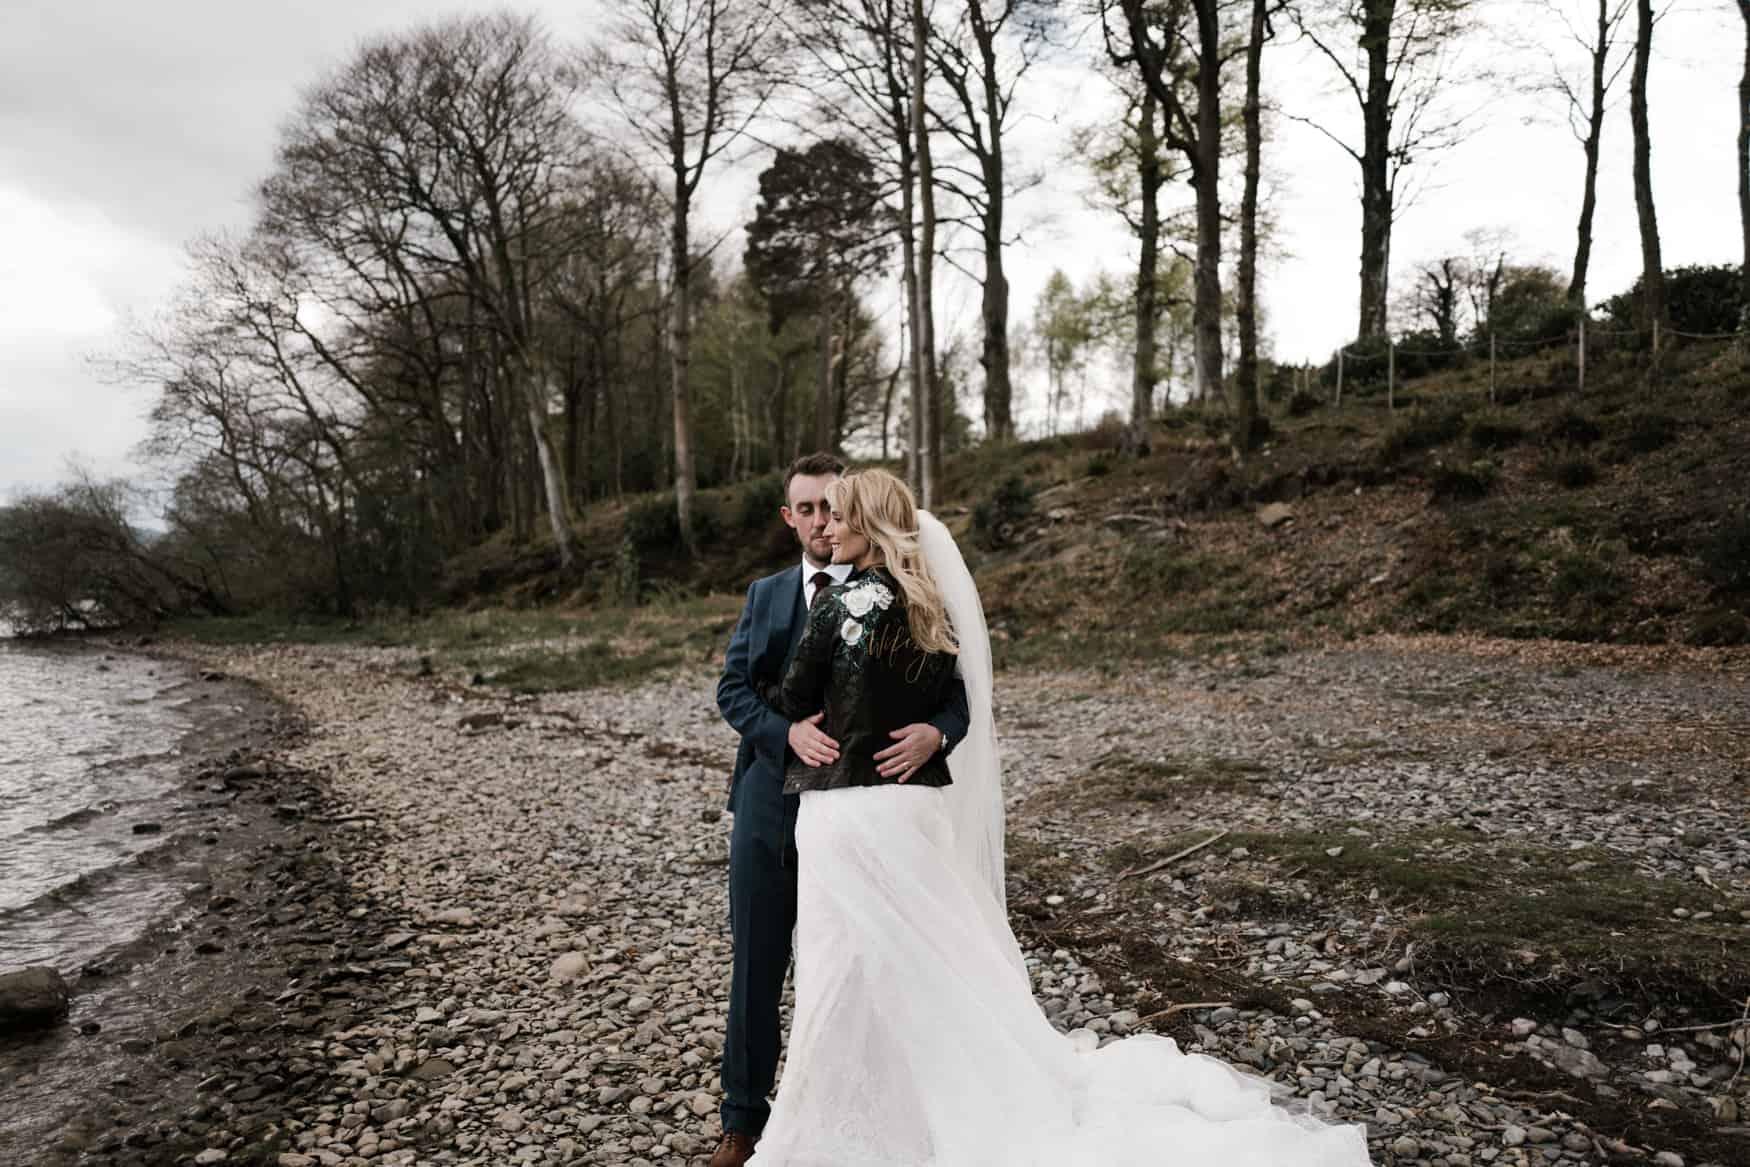 The Lingholm Estate bridal portrait